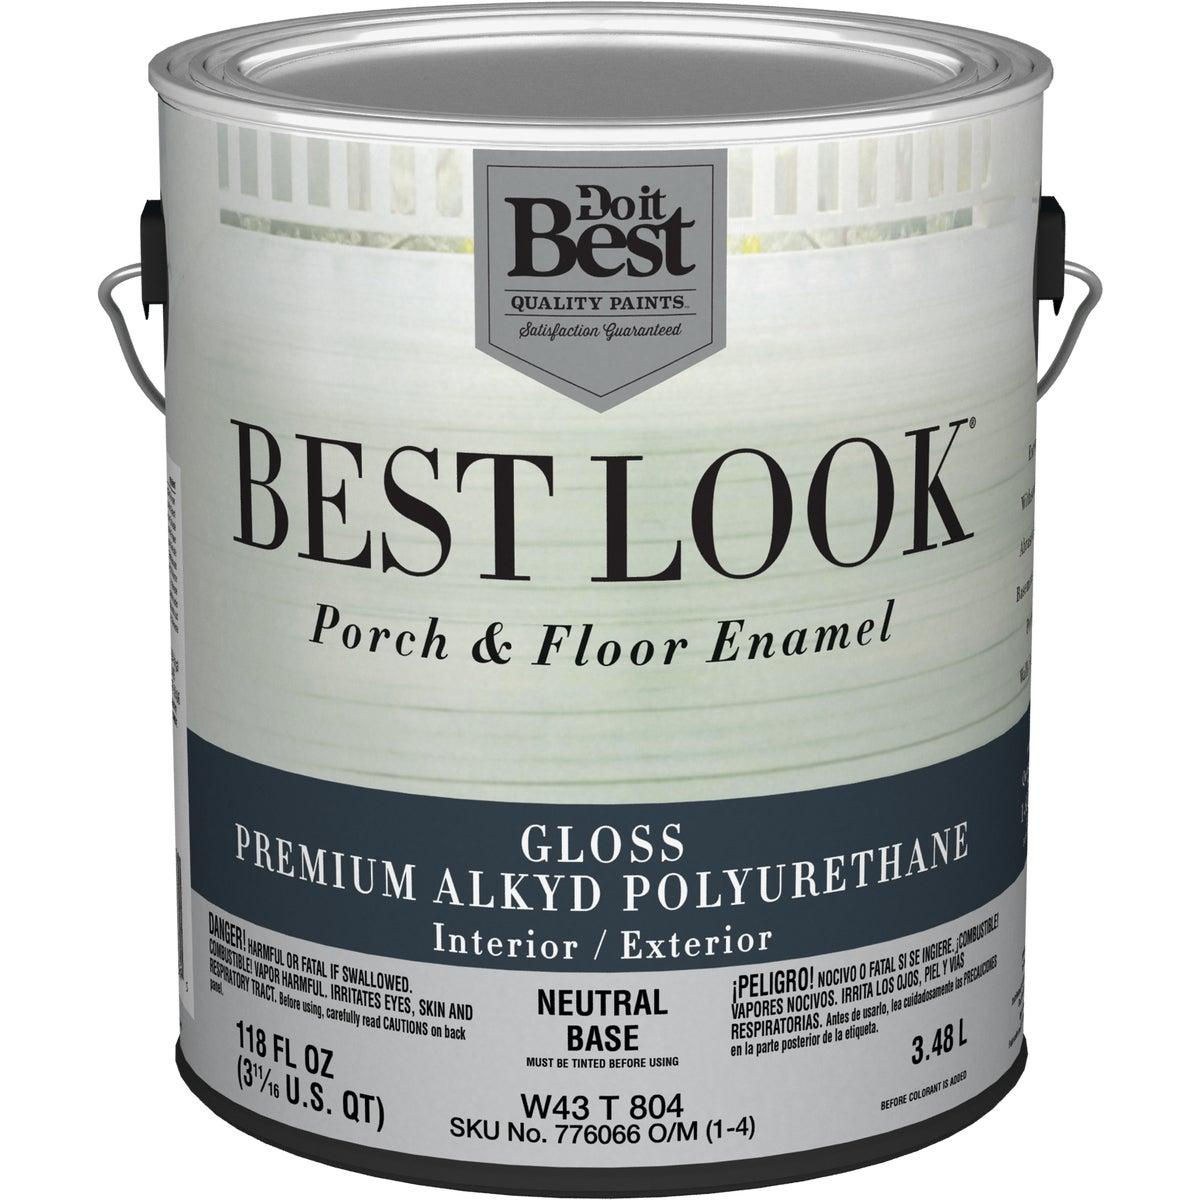 NEUT BS POLY FLOOR PAINT - W43T00804-16 by Do it Best